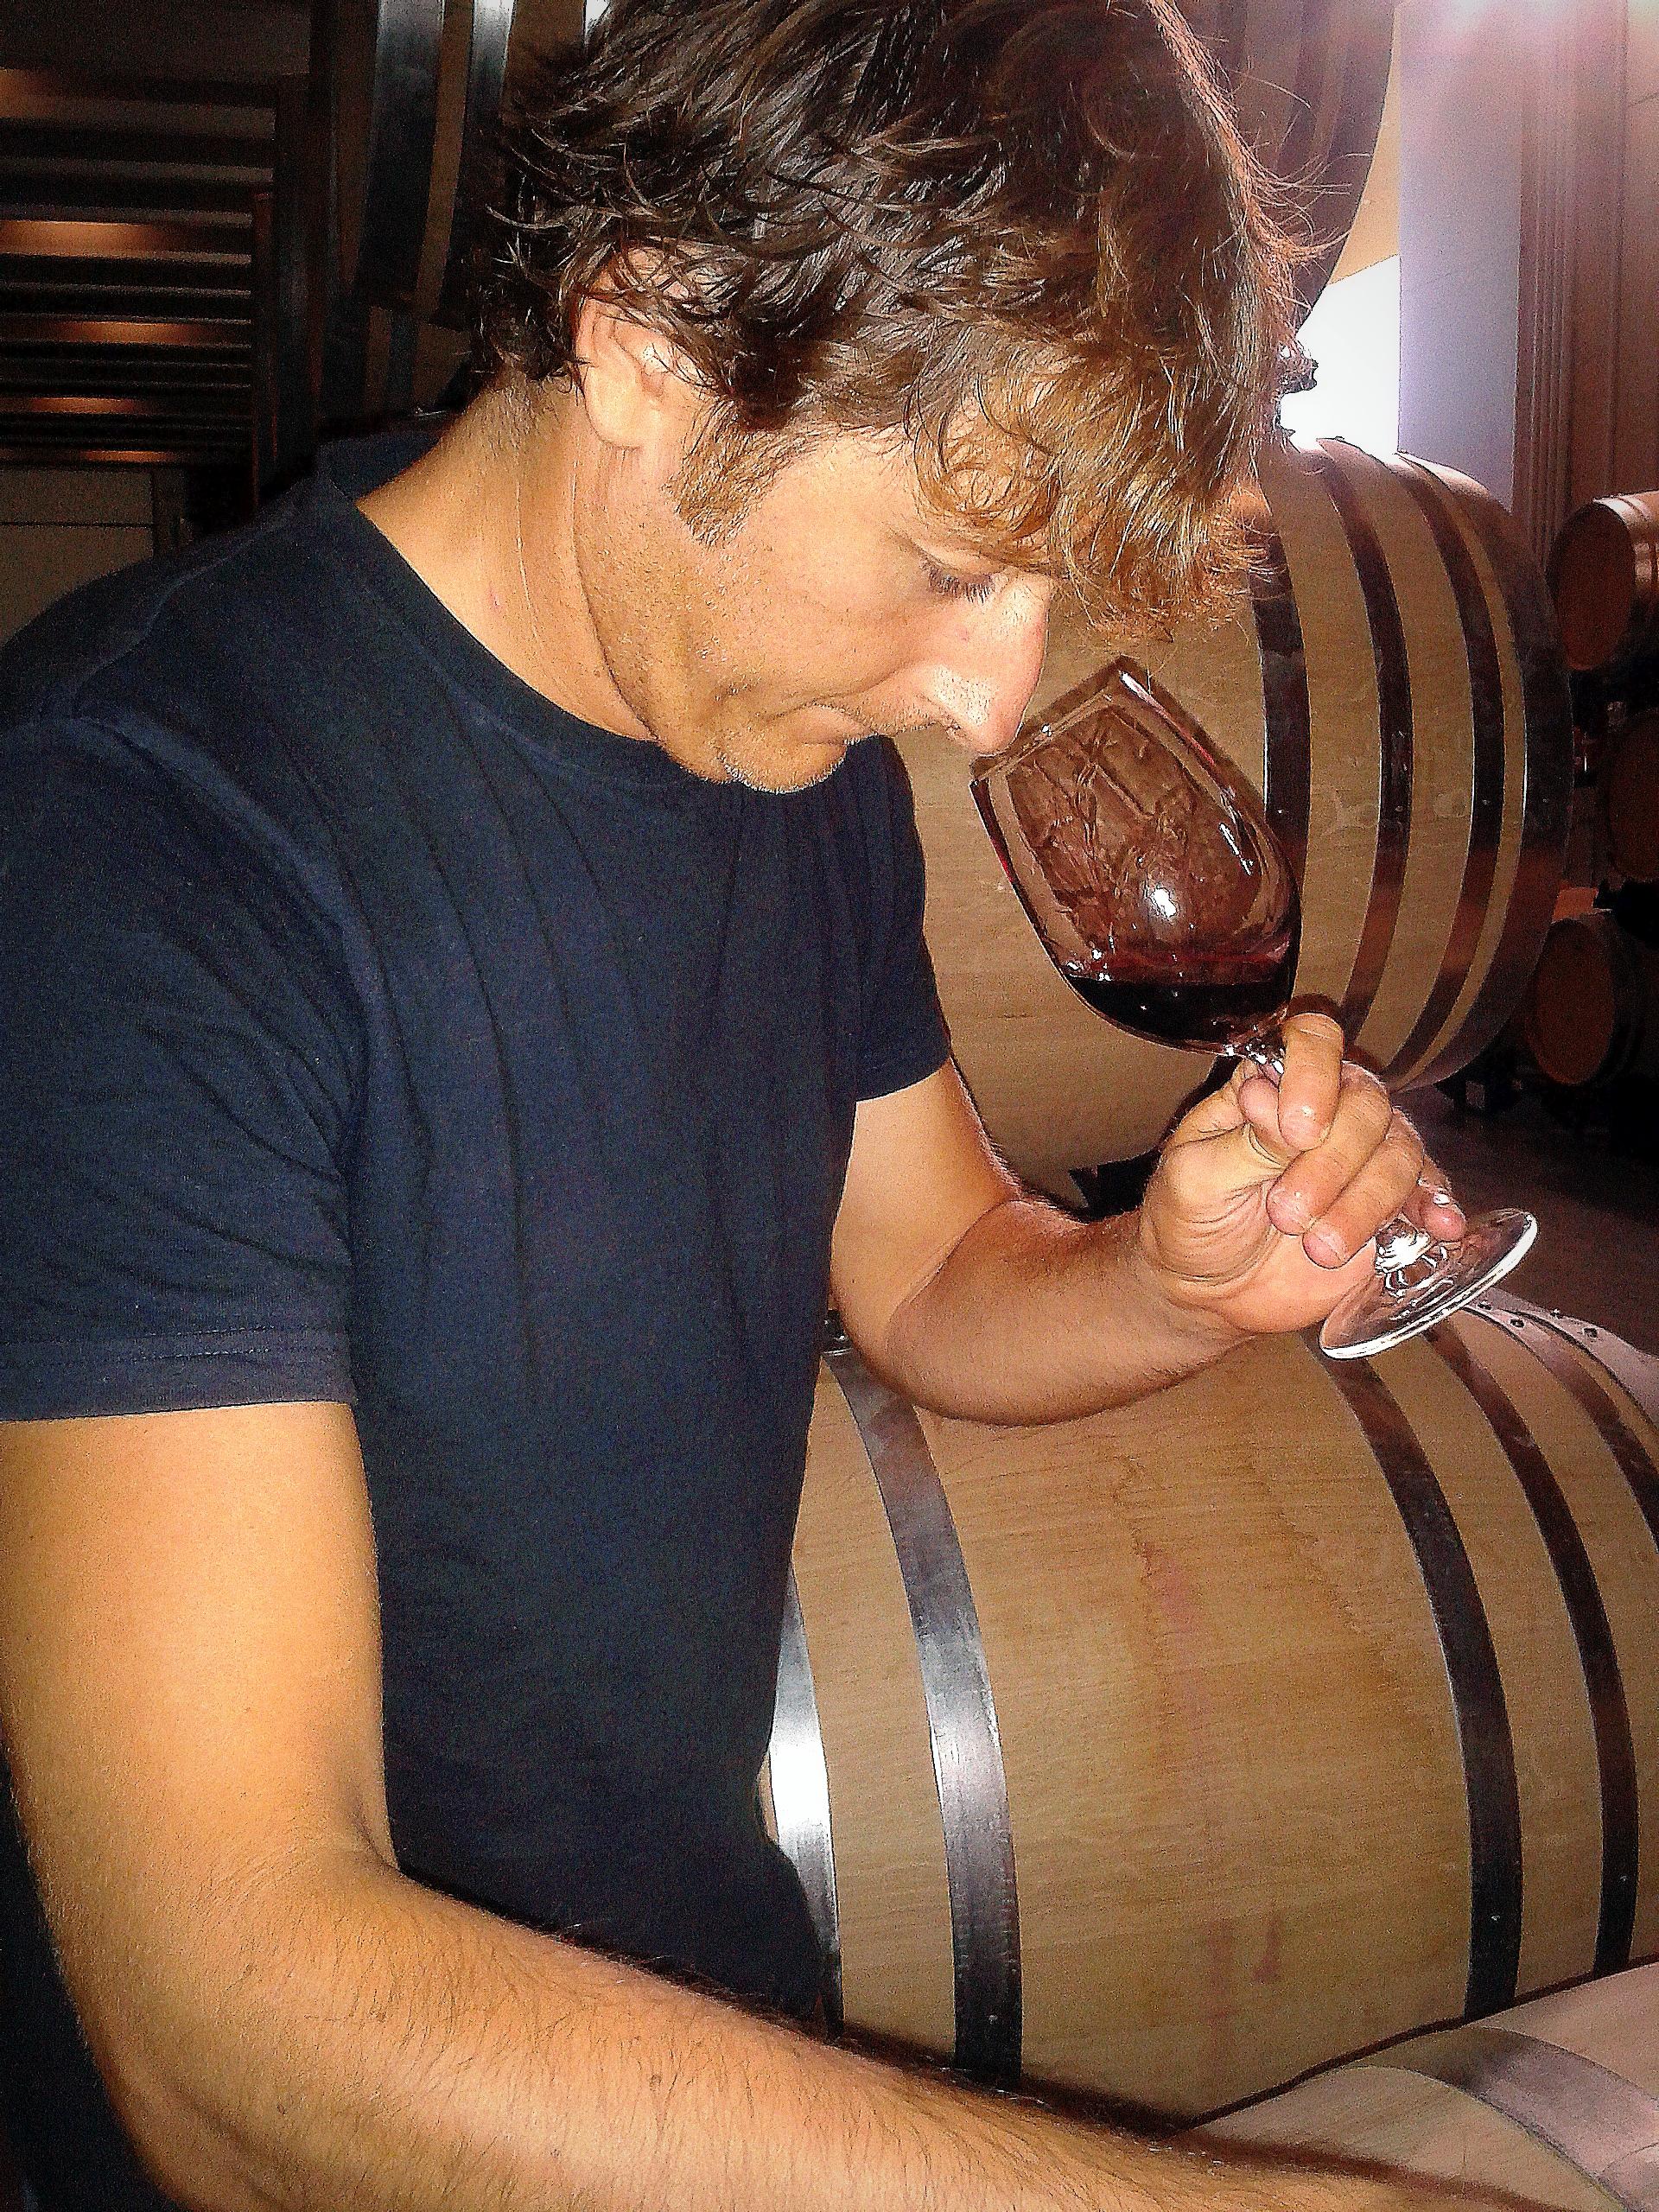 En una cata de vino analizar los aromas es fundamental FUENTE: commons.wikipedia.org